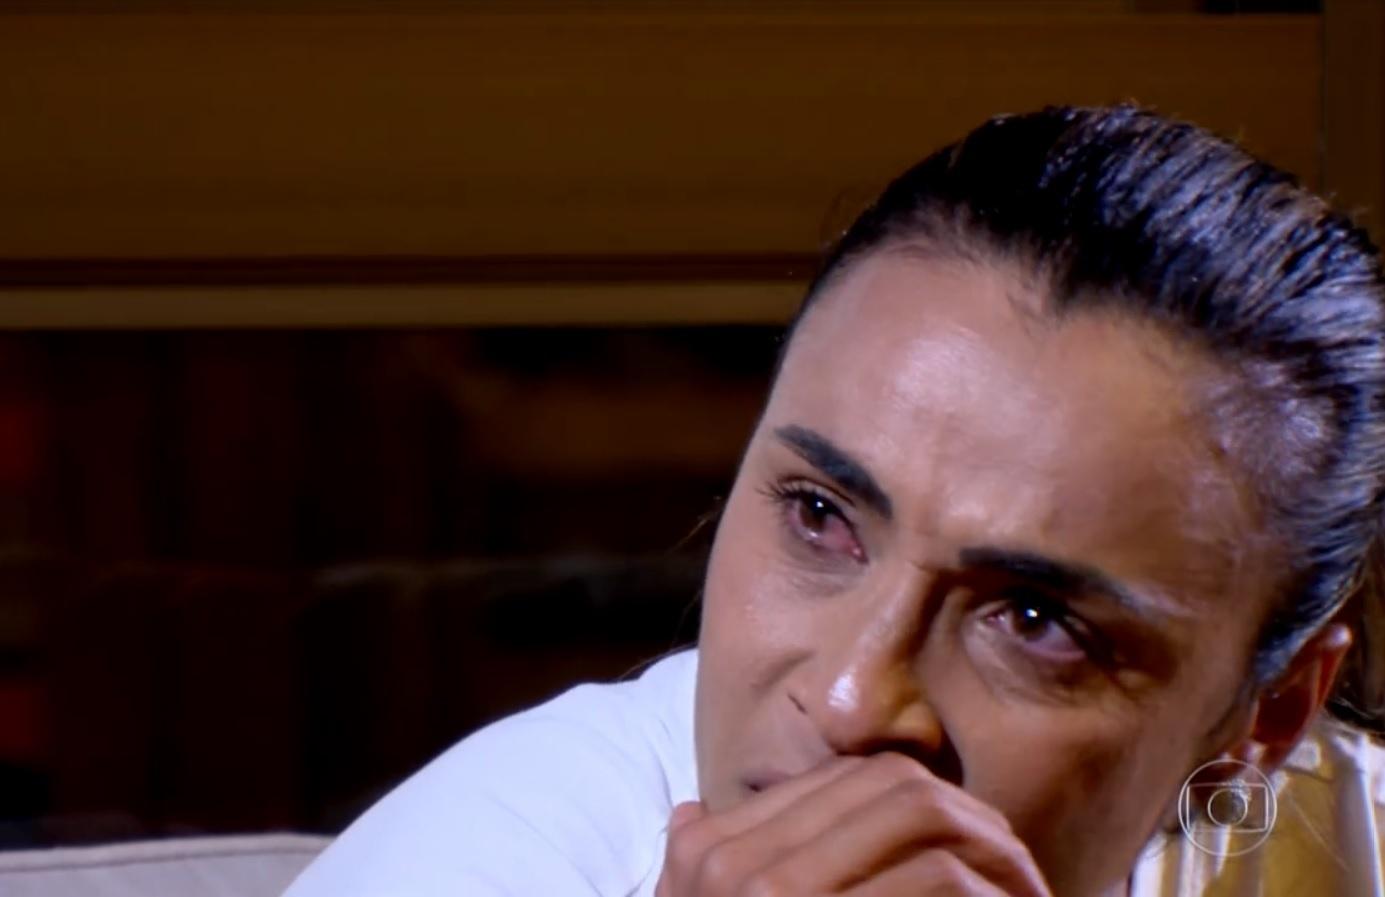 Marta chora ao lembrar de preconceito que enfrentou no começo no futebol